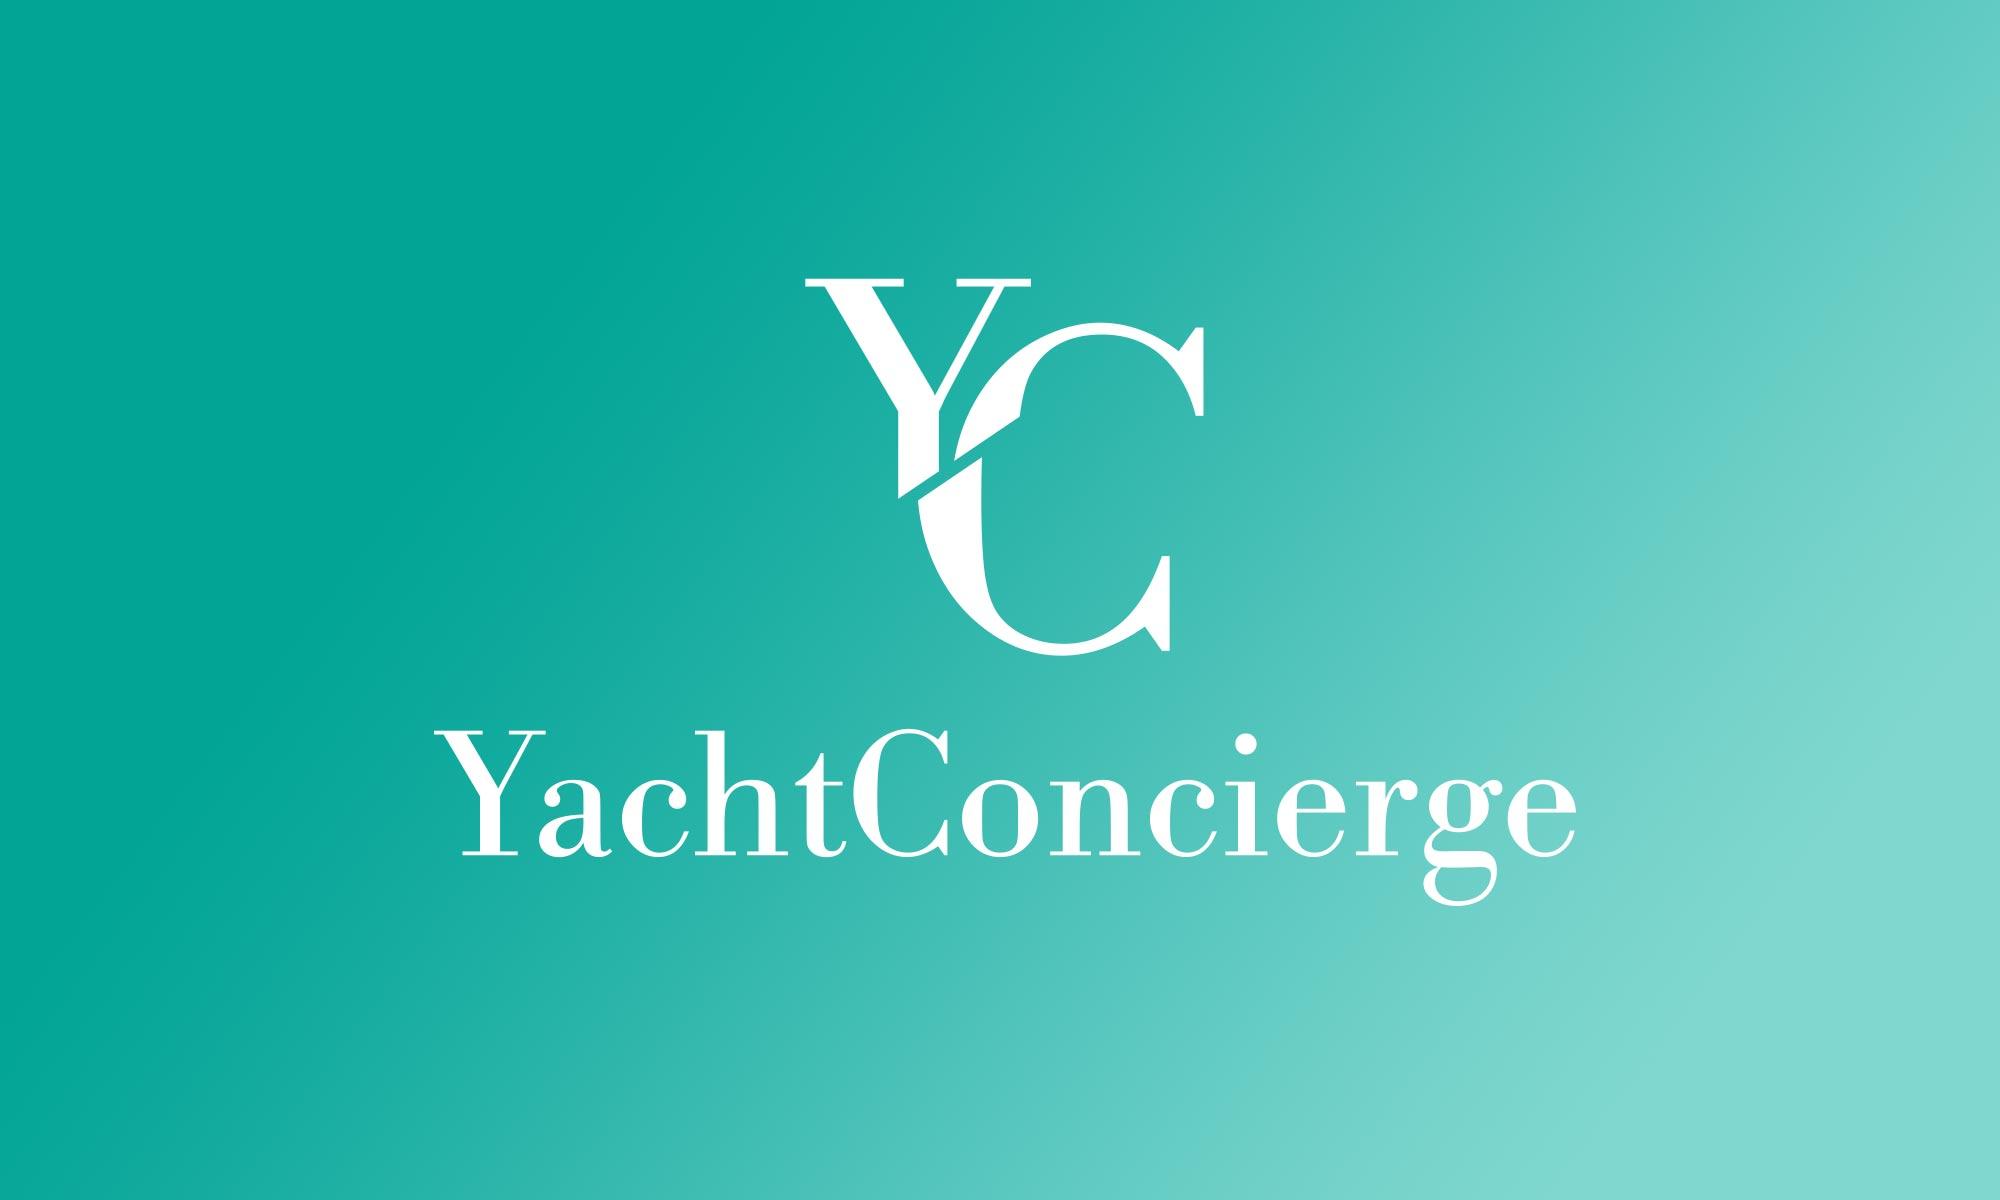 yacht-concierge